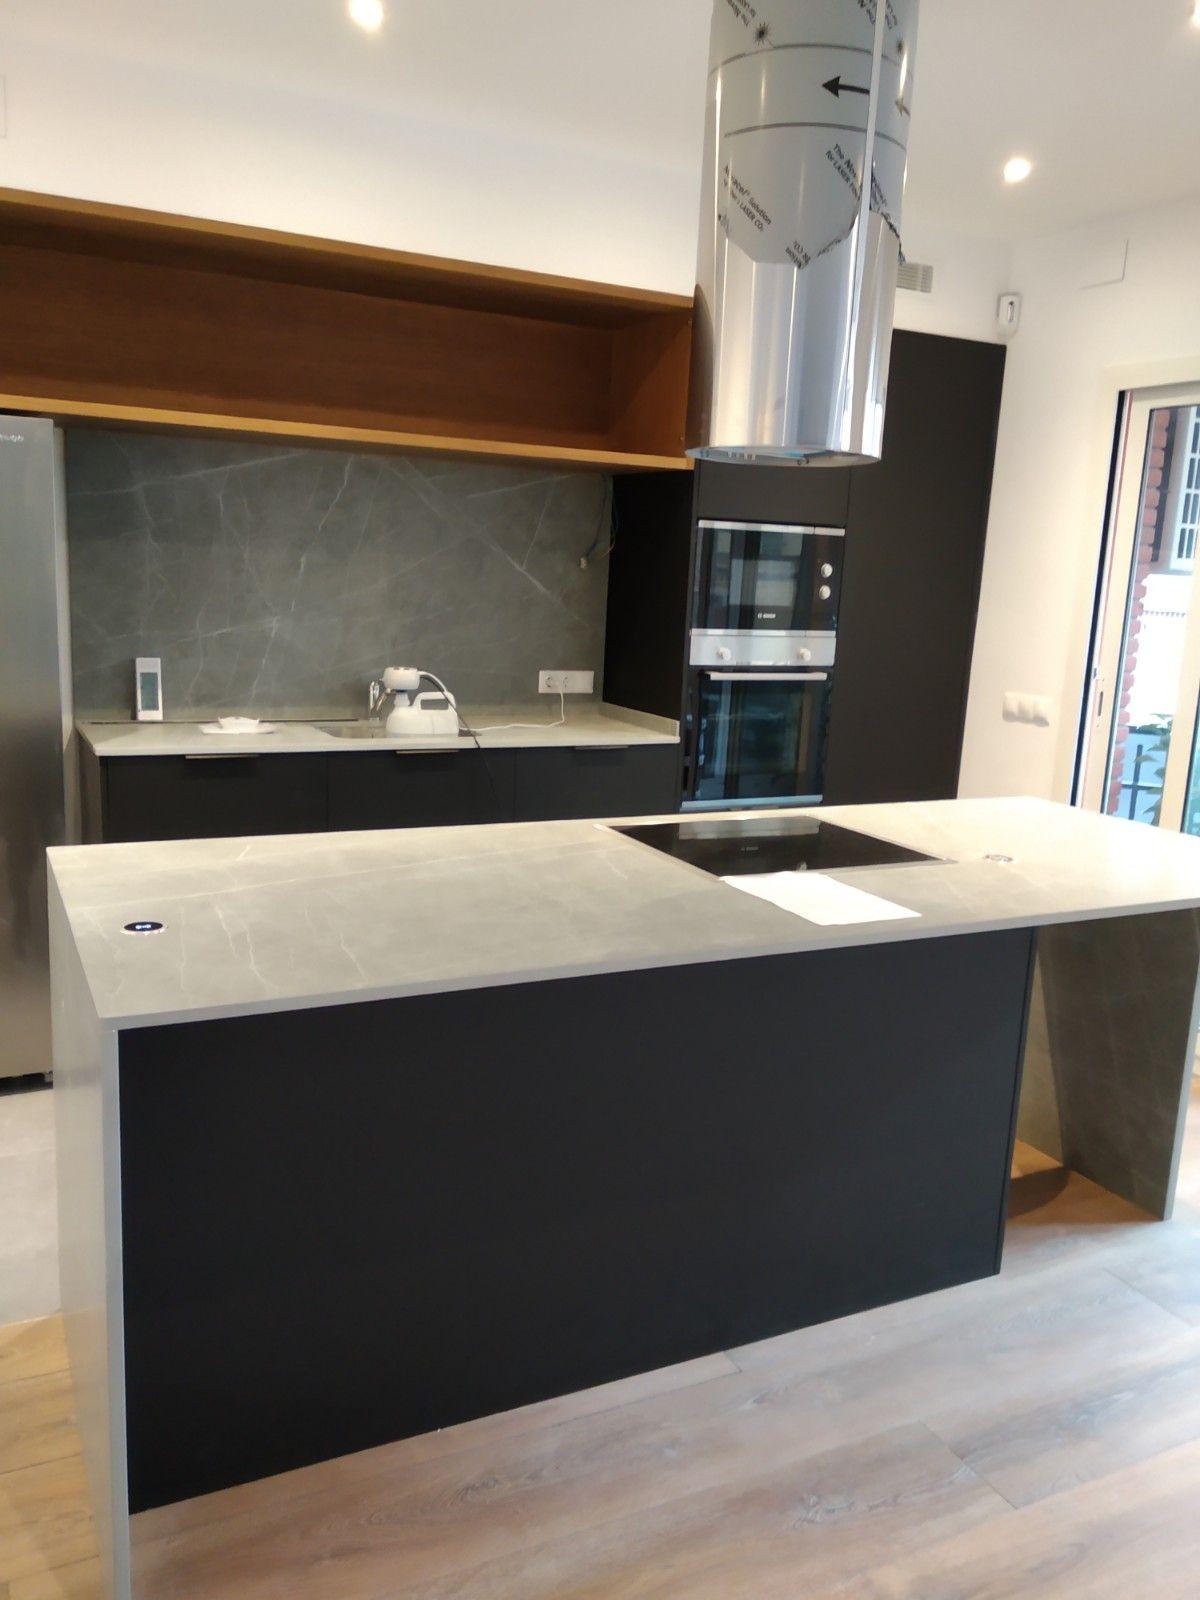 Piso en venta en Eixample, Barcelona, Barcelona, Avenida Josep Tarradellas, 685.000 €, 3 habitaciones, 2 baños, 145 m2